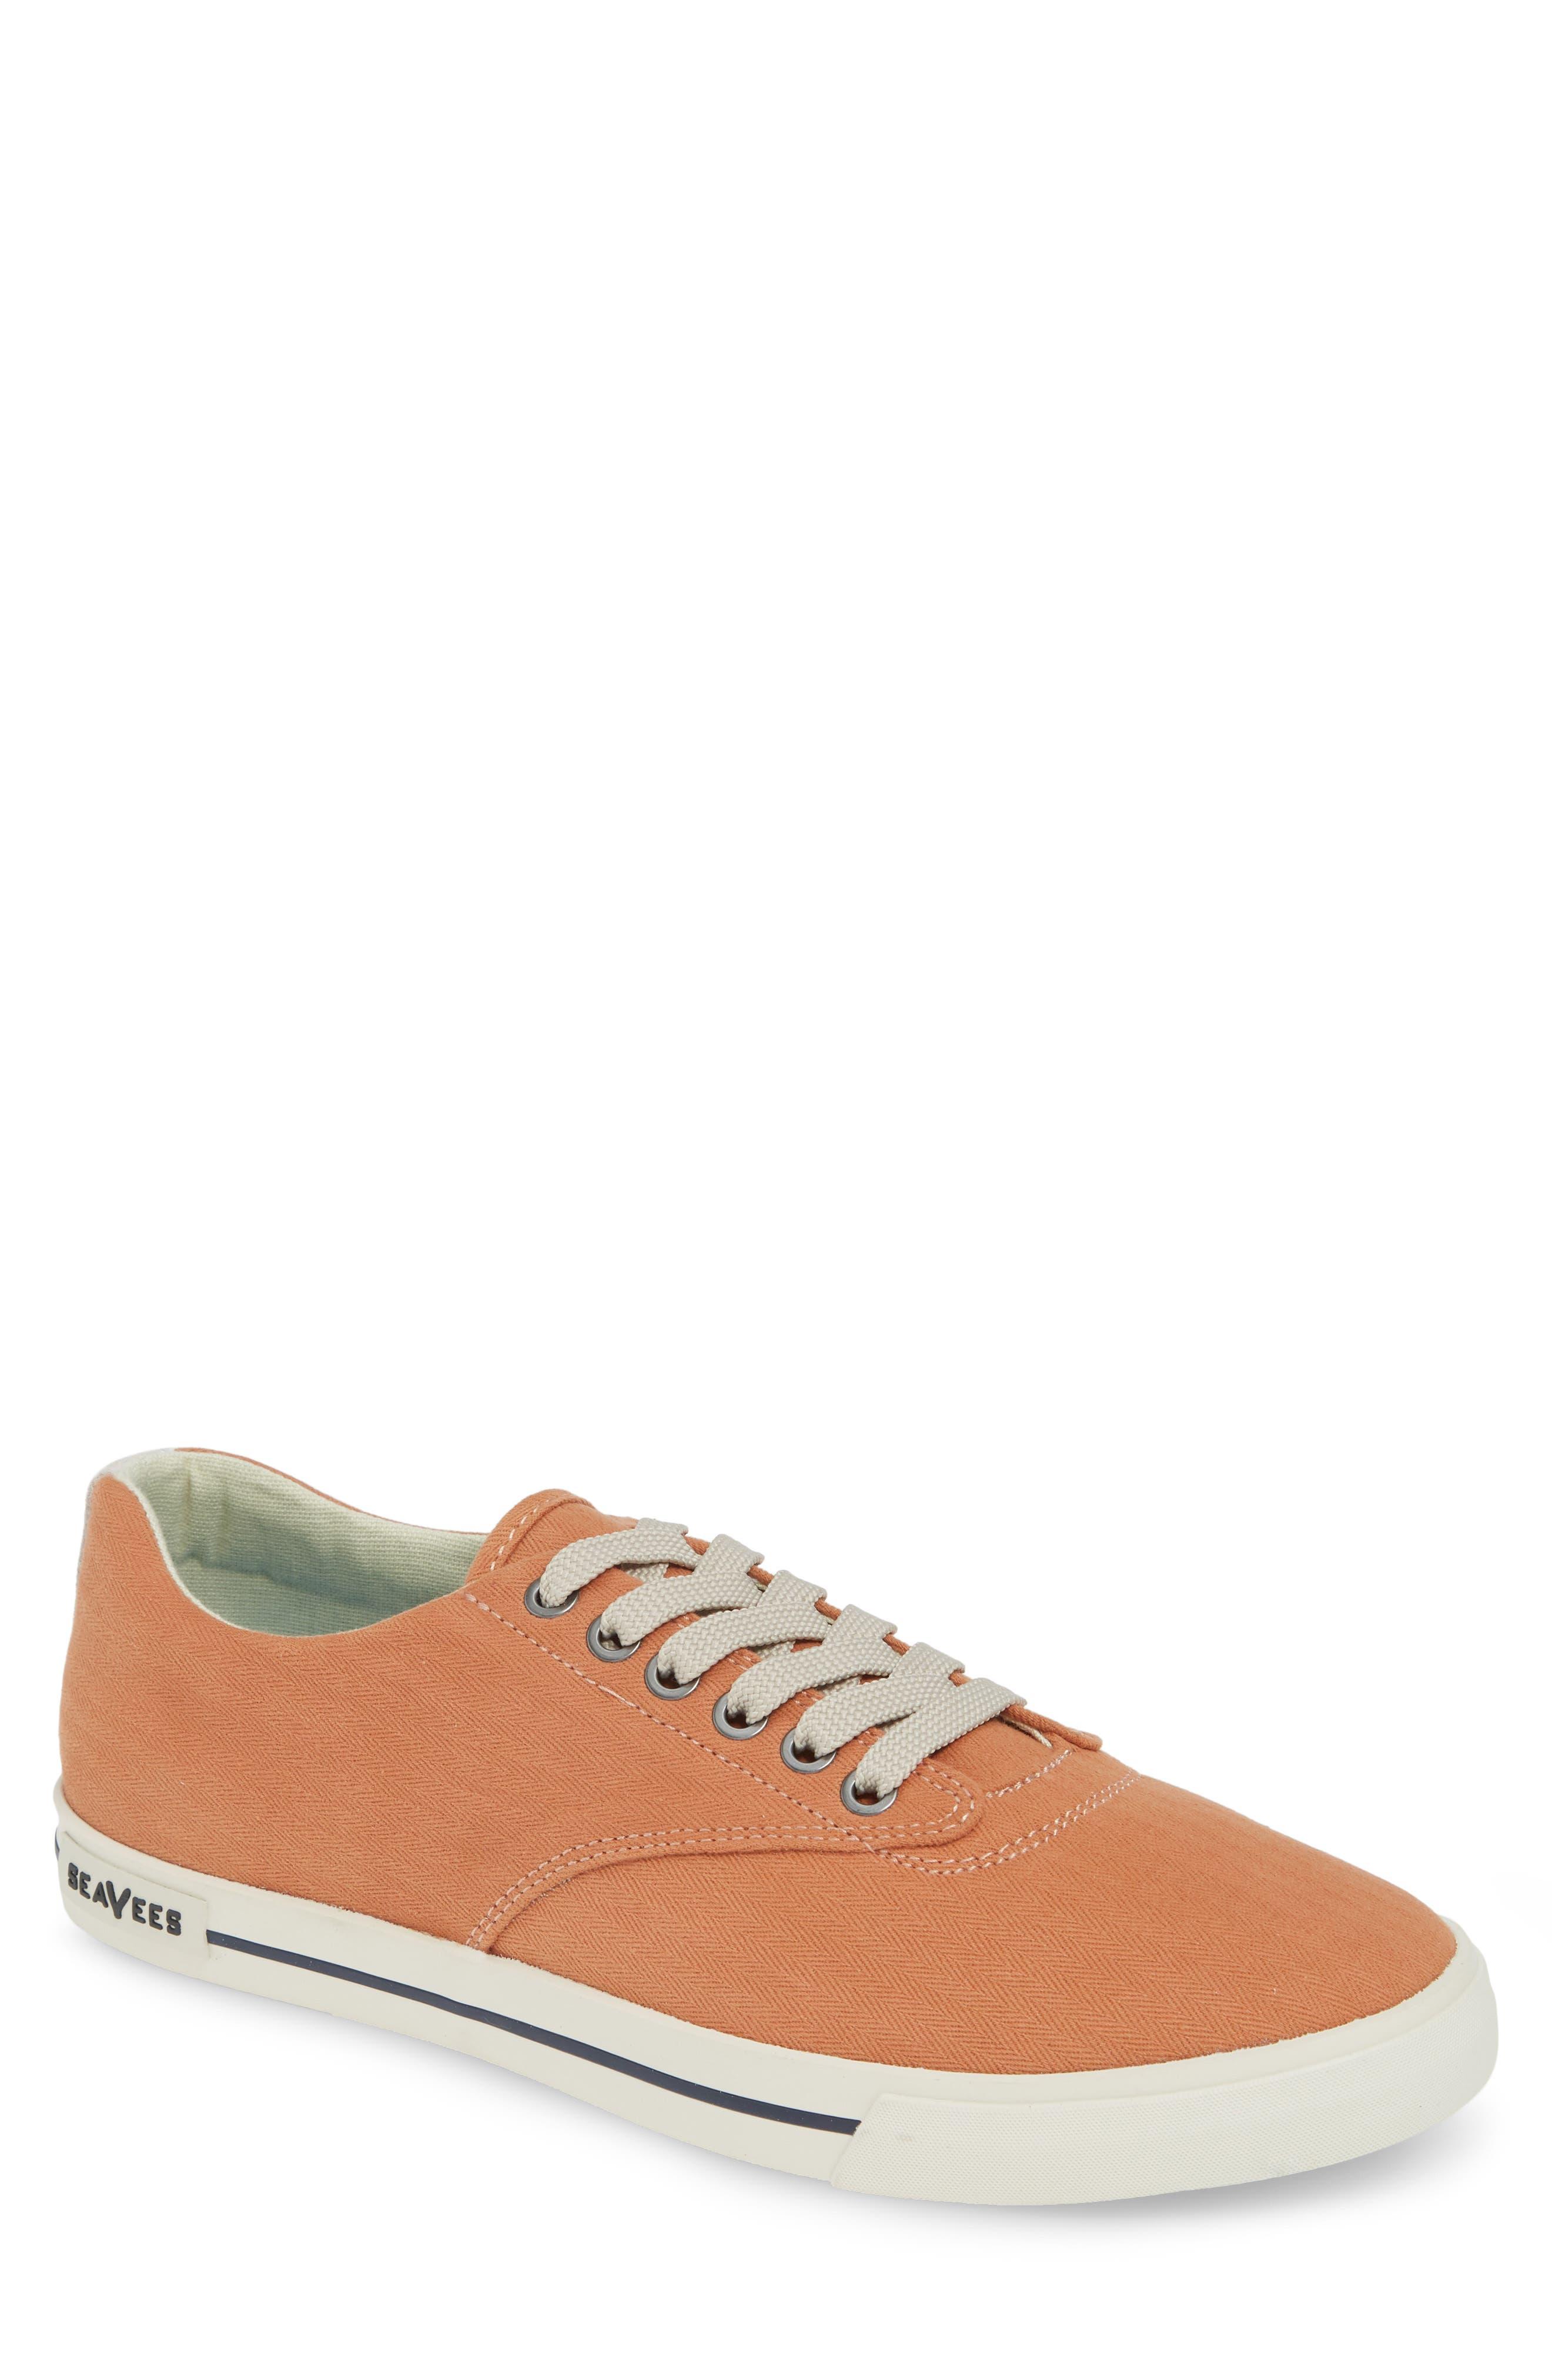 Seavees Hermosa Plimsoll Surfwash Sneaker, Orange